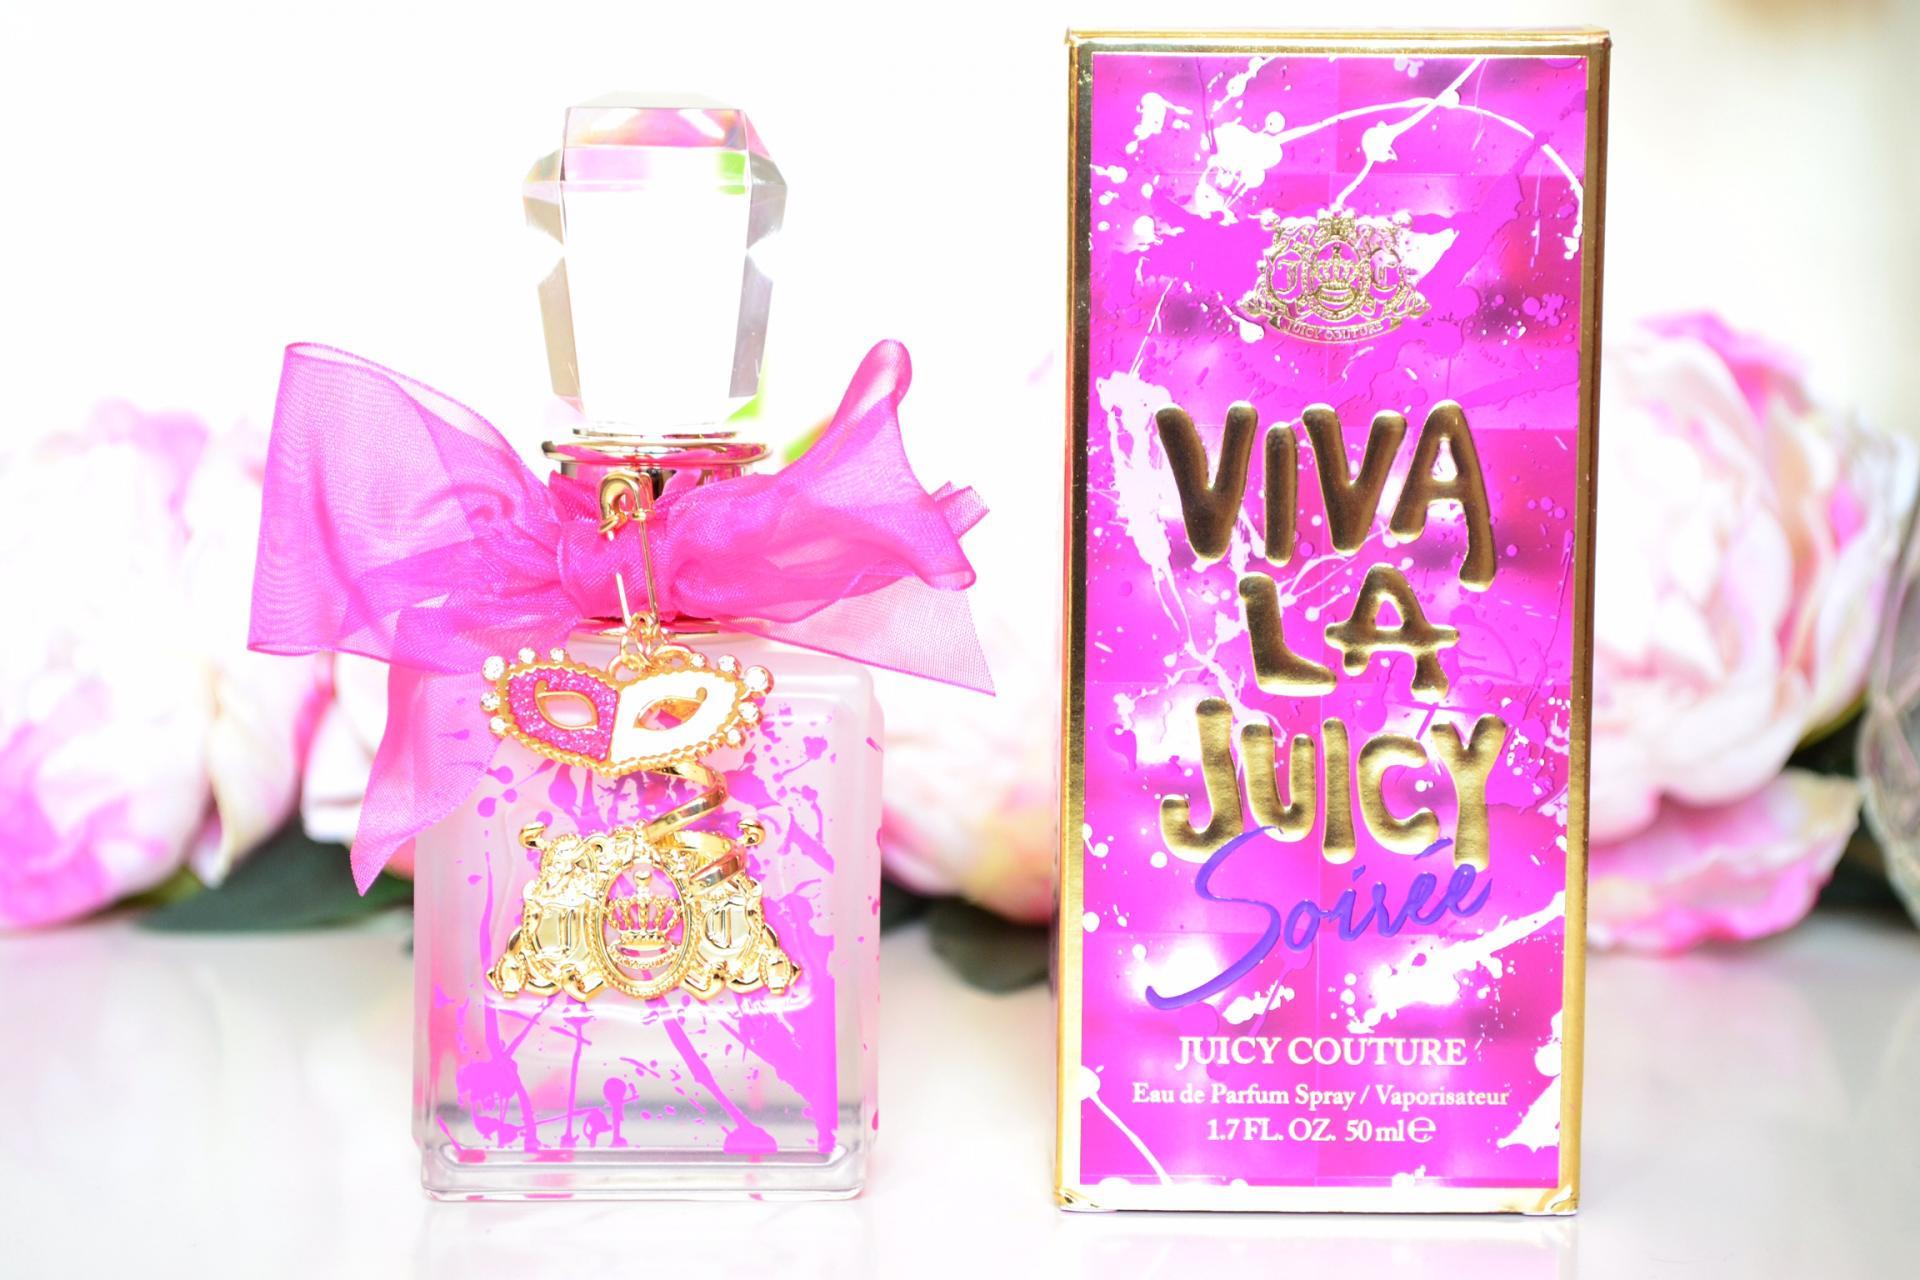 Juicy-Couture-Viva-La-Juicy-Soirée-Eau-de-Parfum-review